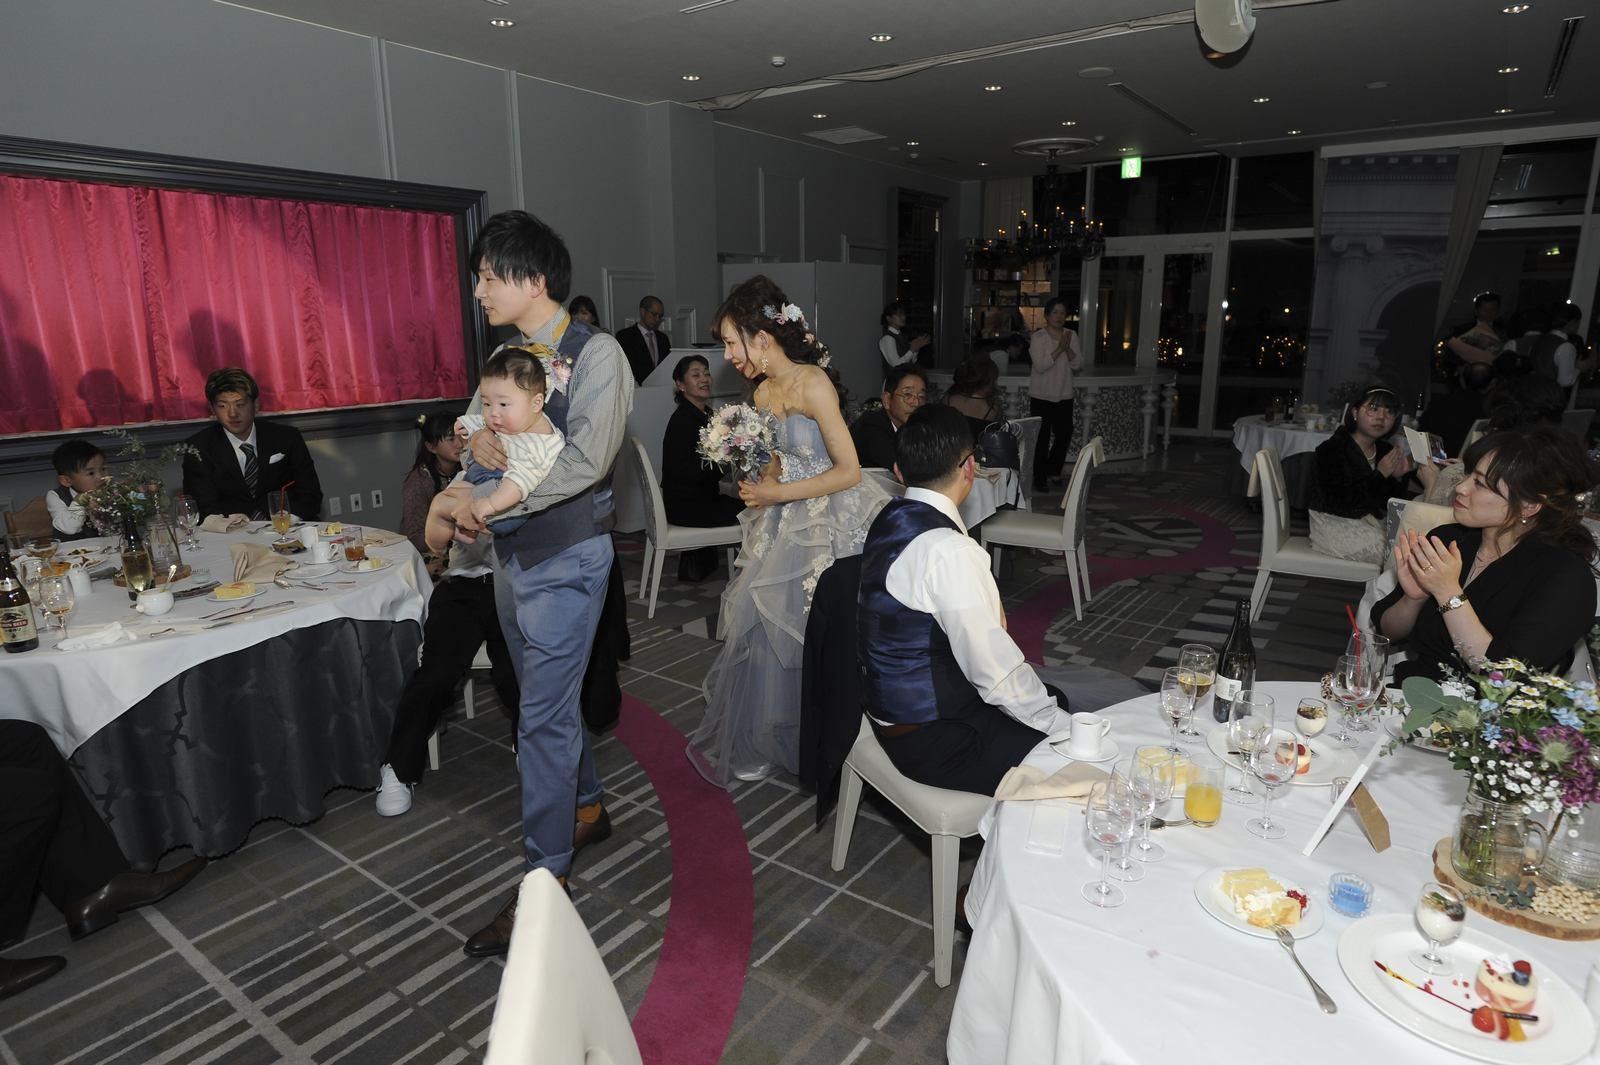 徳島市の結婚式場ブランアンジュでのゲストに挨拶をしながら伝える感謝のご挨拶